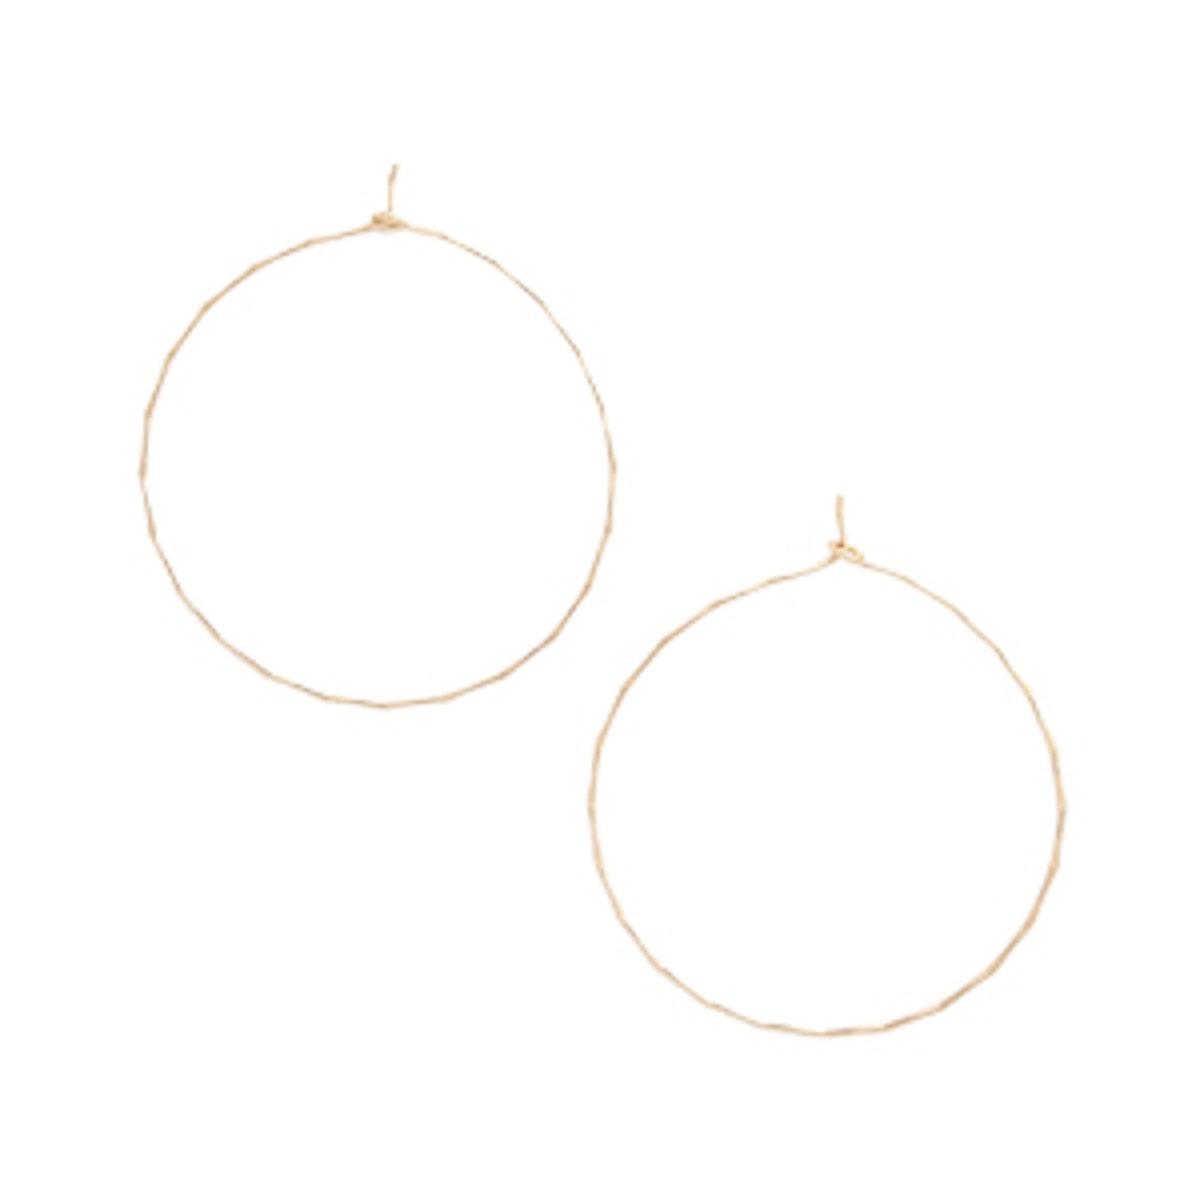 Dainty Hammered Hoop Earrings